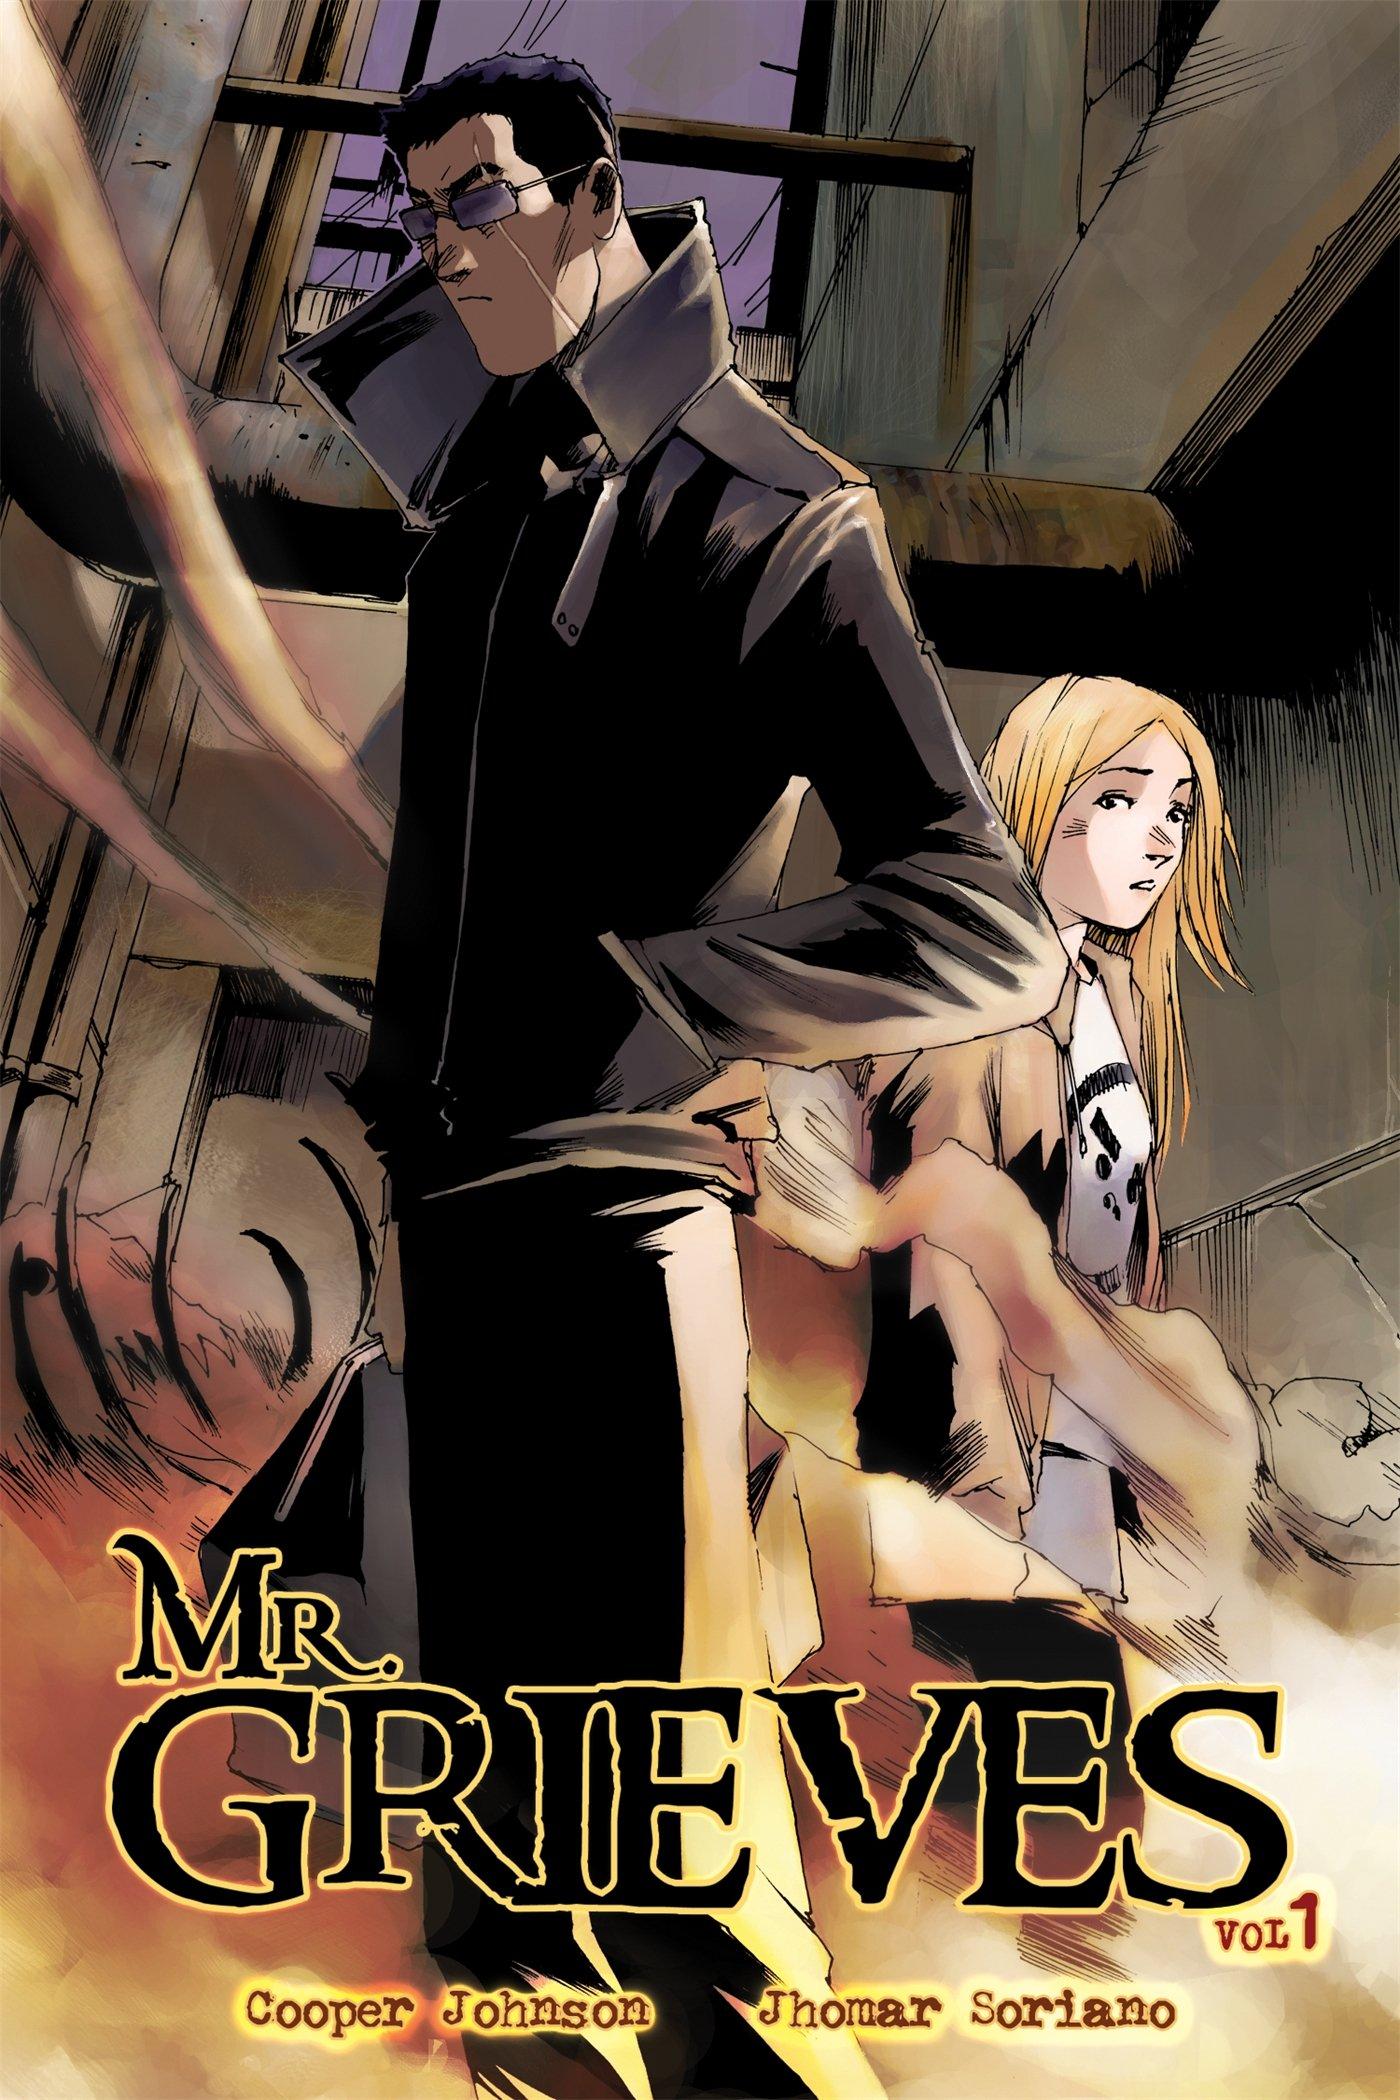 Mr. Grieves Vol 1 PDF